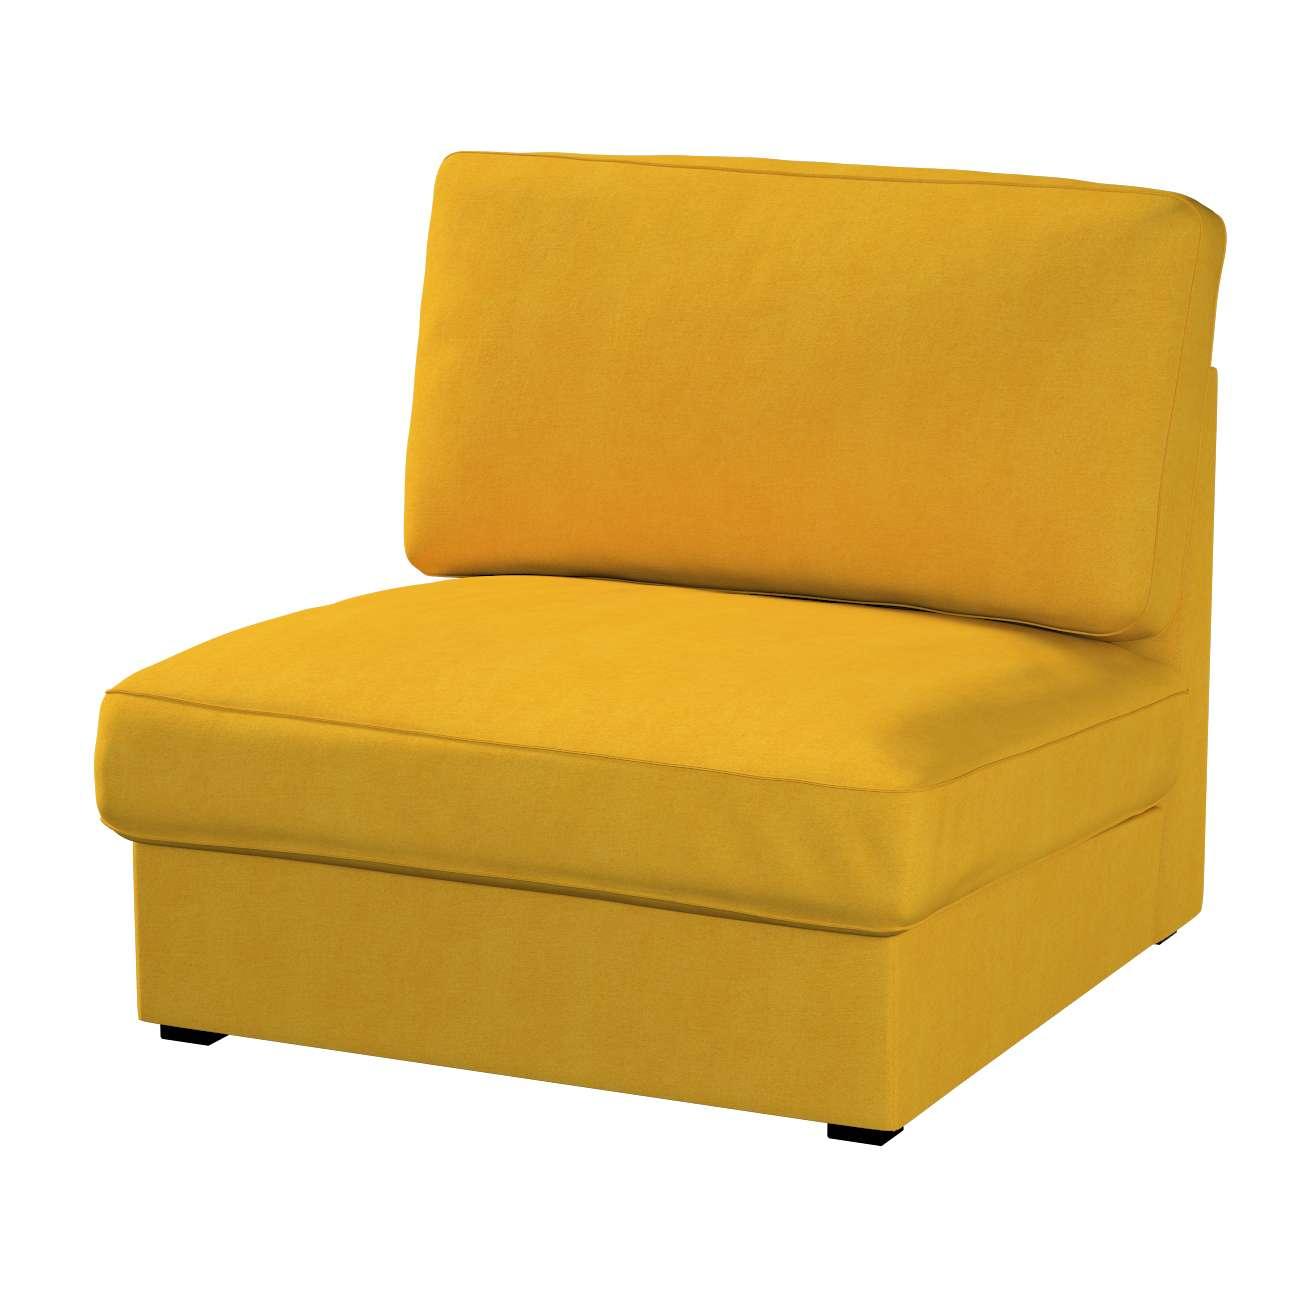 KIVIK fotelio/vienvietės dalies užvalkalas Kivik armchair kolekcijoje Etna , audinys: 705-04